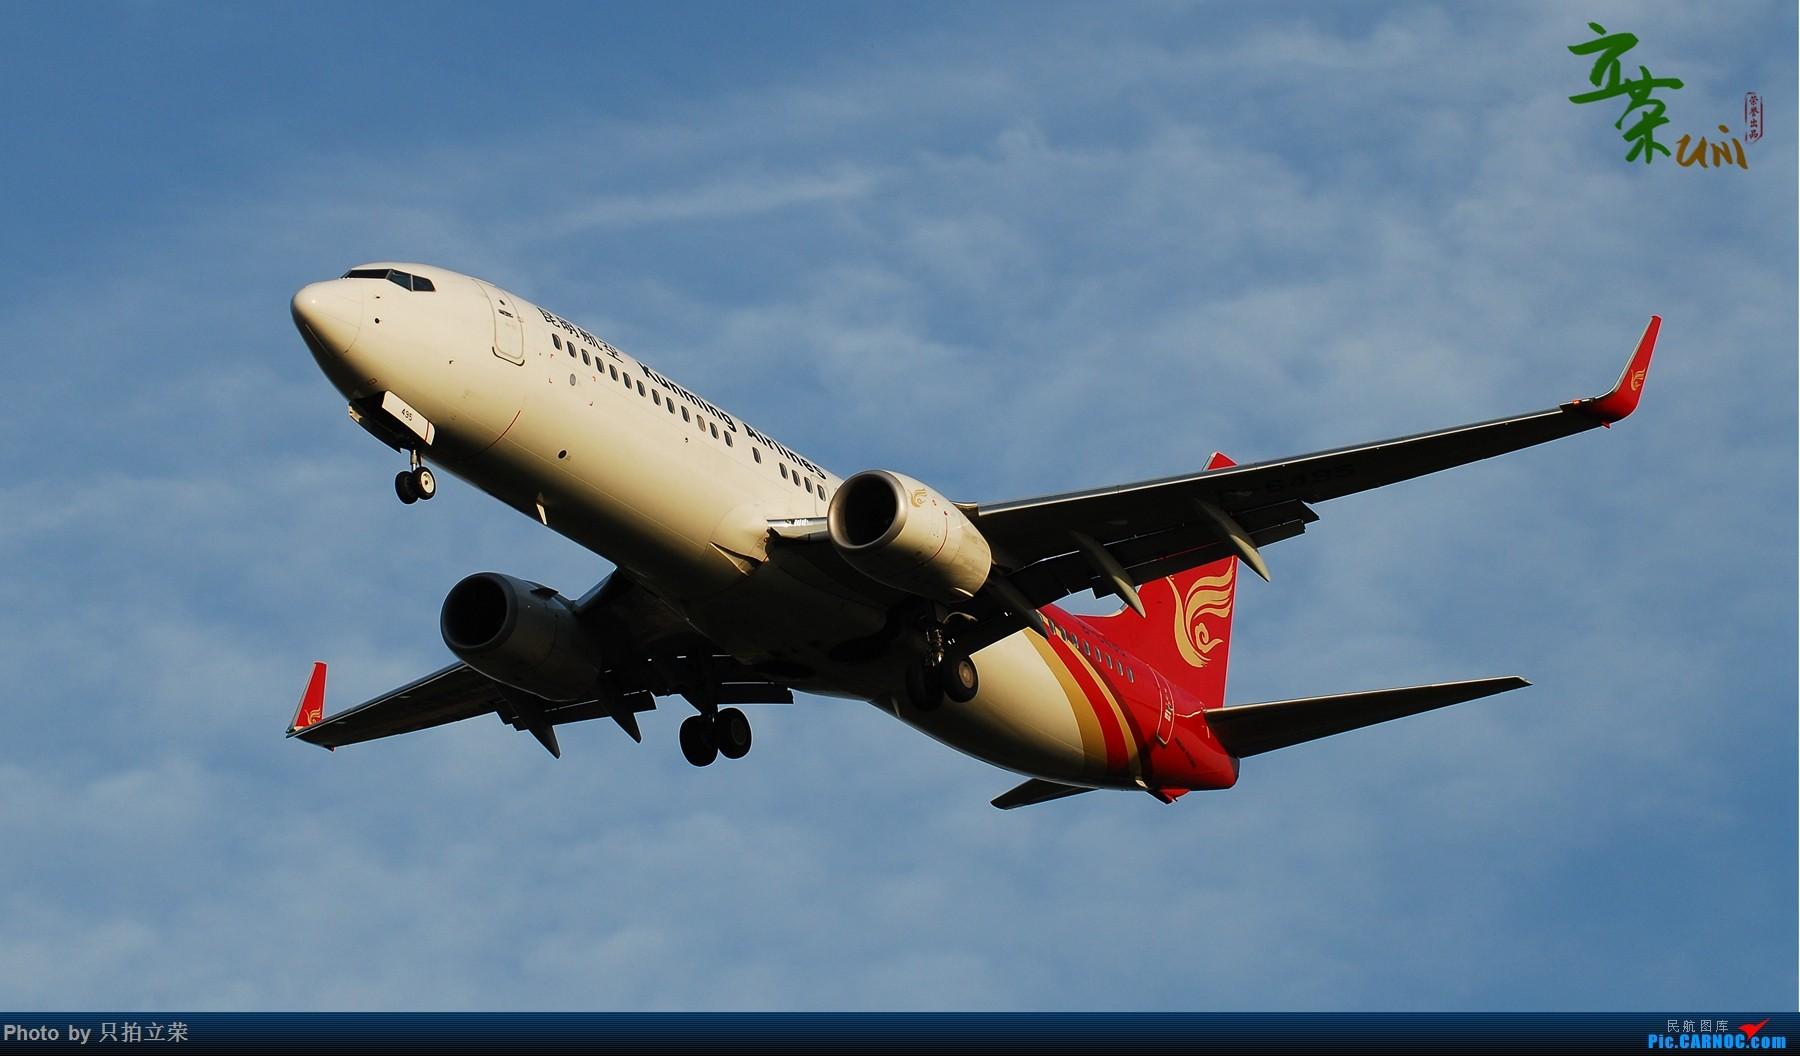 Re:[原创]长沙黄花的黄昏真的美 BOEING 737-800 B-6495 中国长沙黄花国际机场